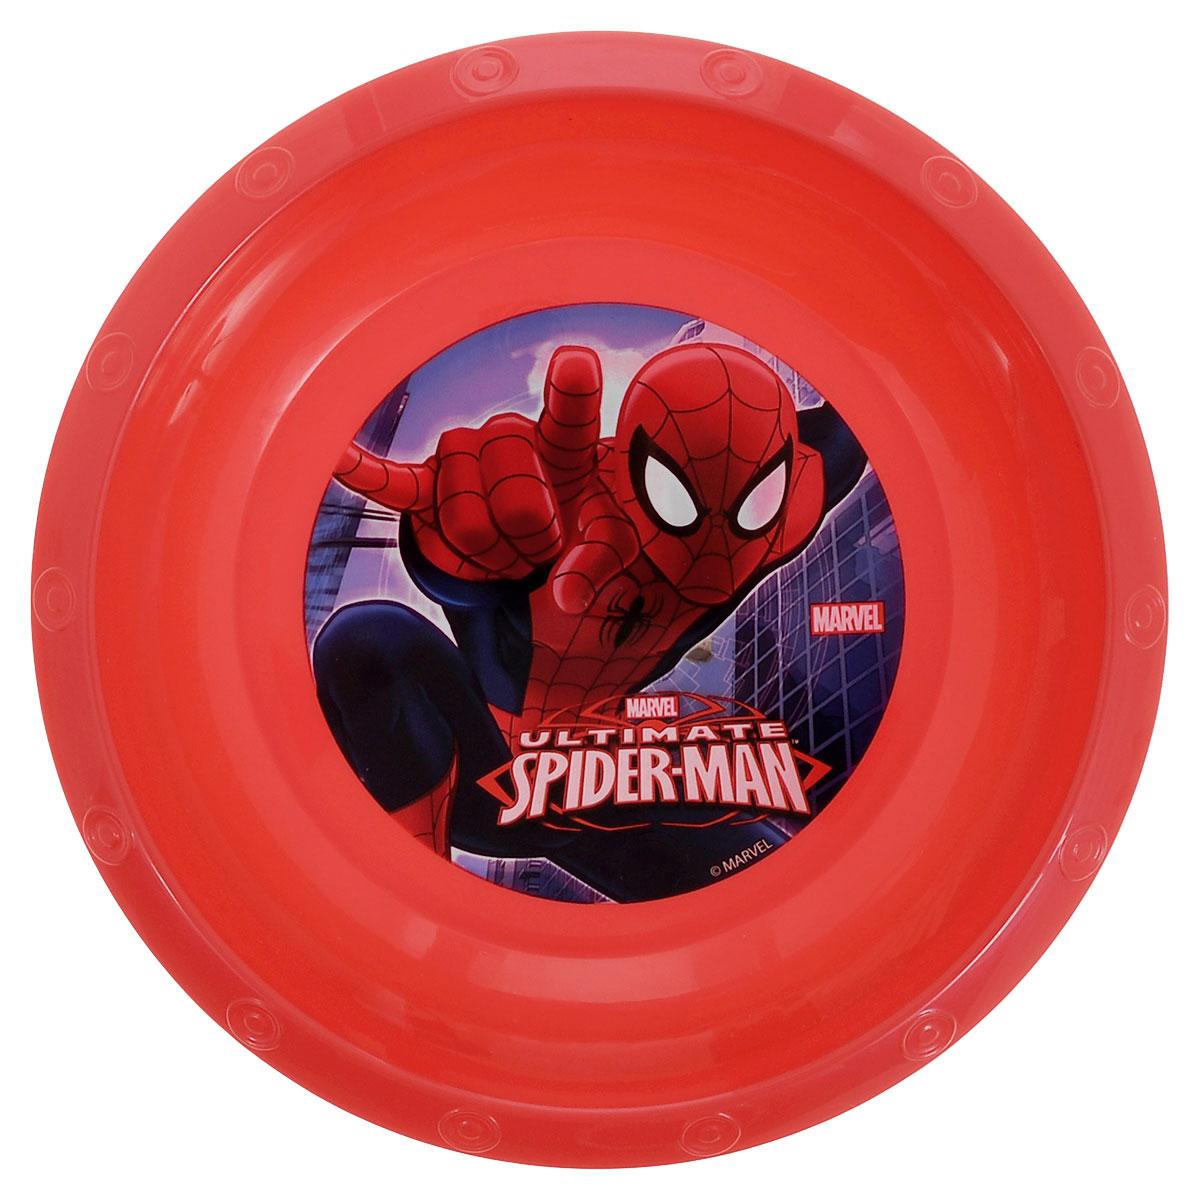 """Яркая миска Marvel """"Spider-Man"""", изготовленная из безопасного полипропилена красного цвета, непременно  понравится юному обладателю. Дно миски оформлено изображением супергероя - человека-паука из  одноименного мультсериала. Изделие очень функционально, пригодится на кухне для самых разнообразных нужд. Рекомендуется для детей от: 3 лет."""